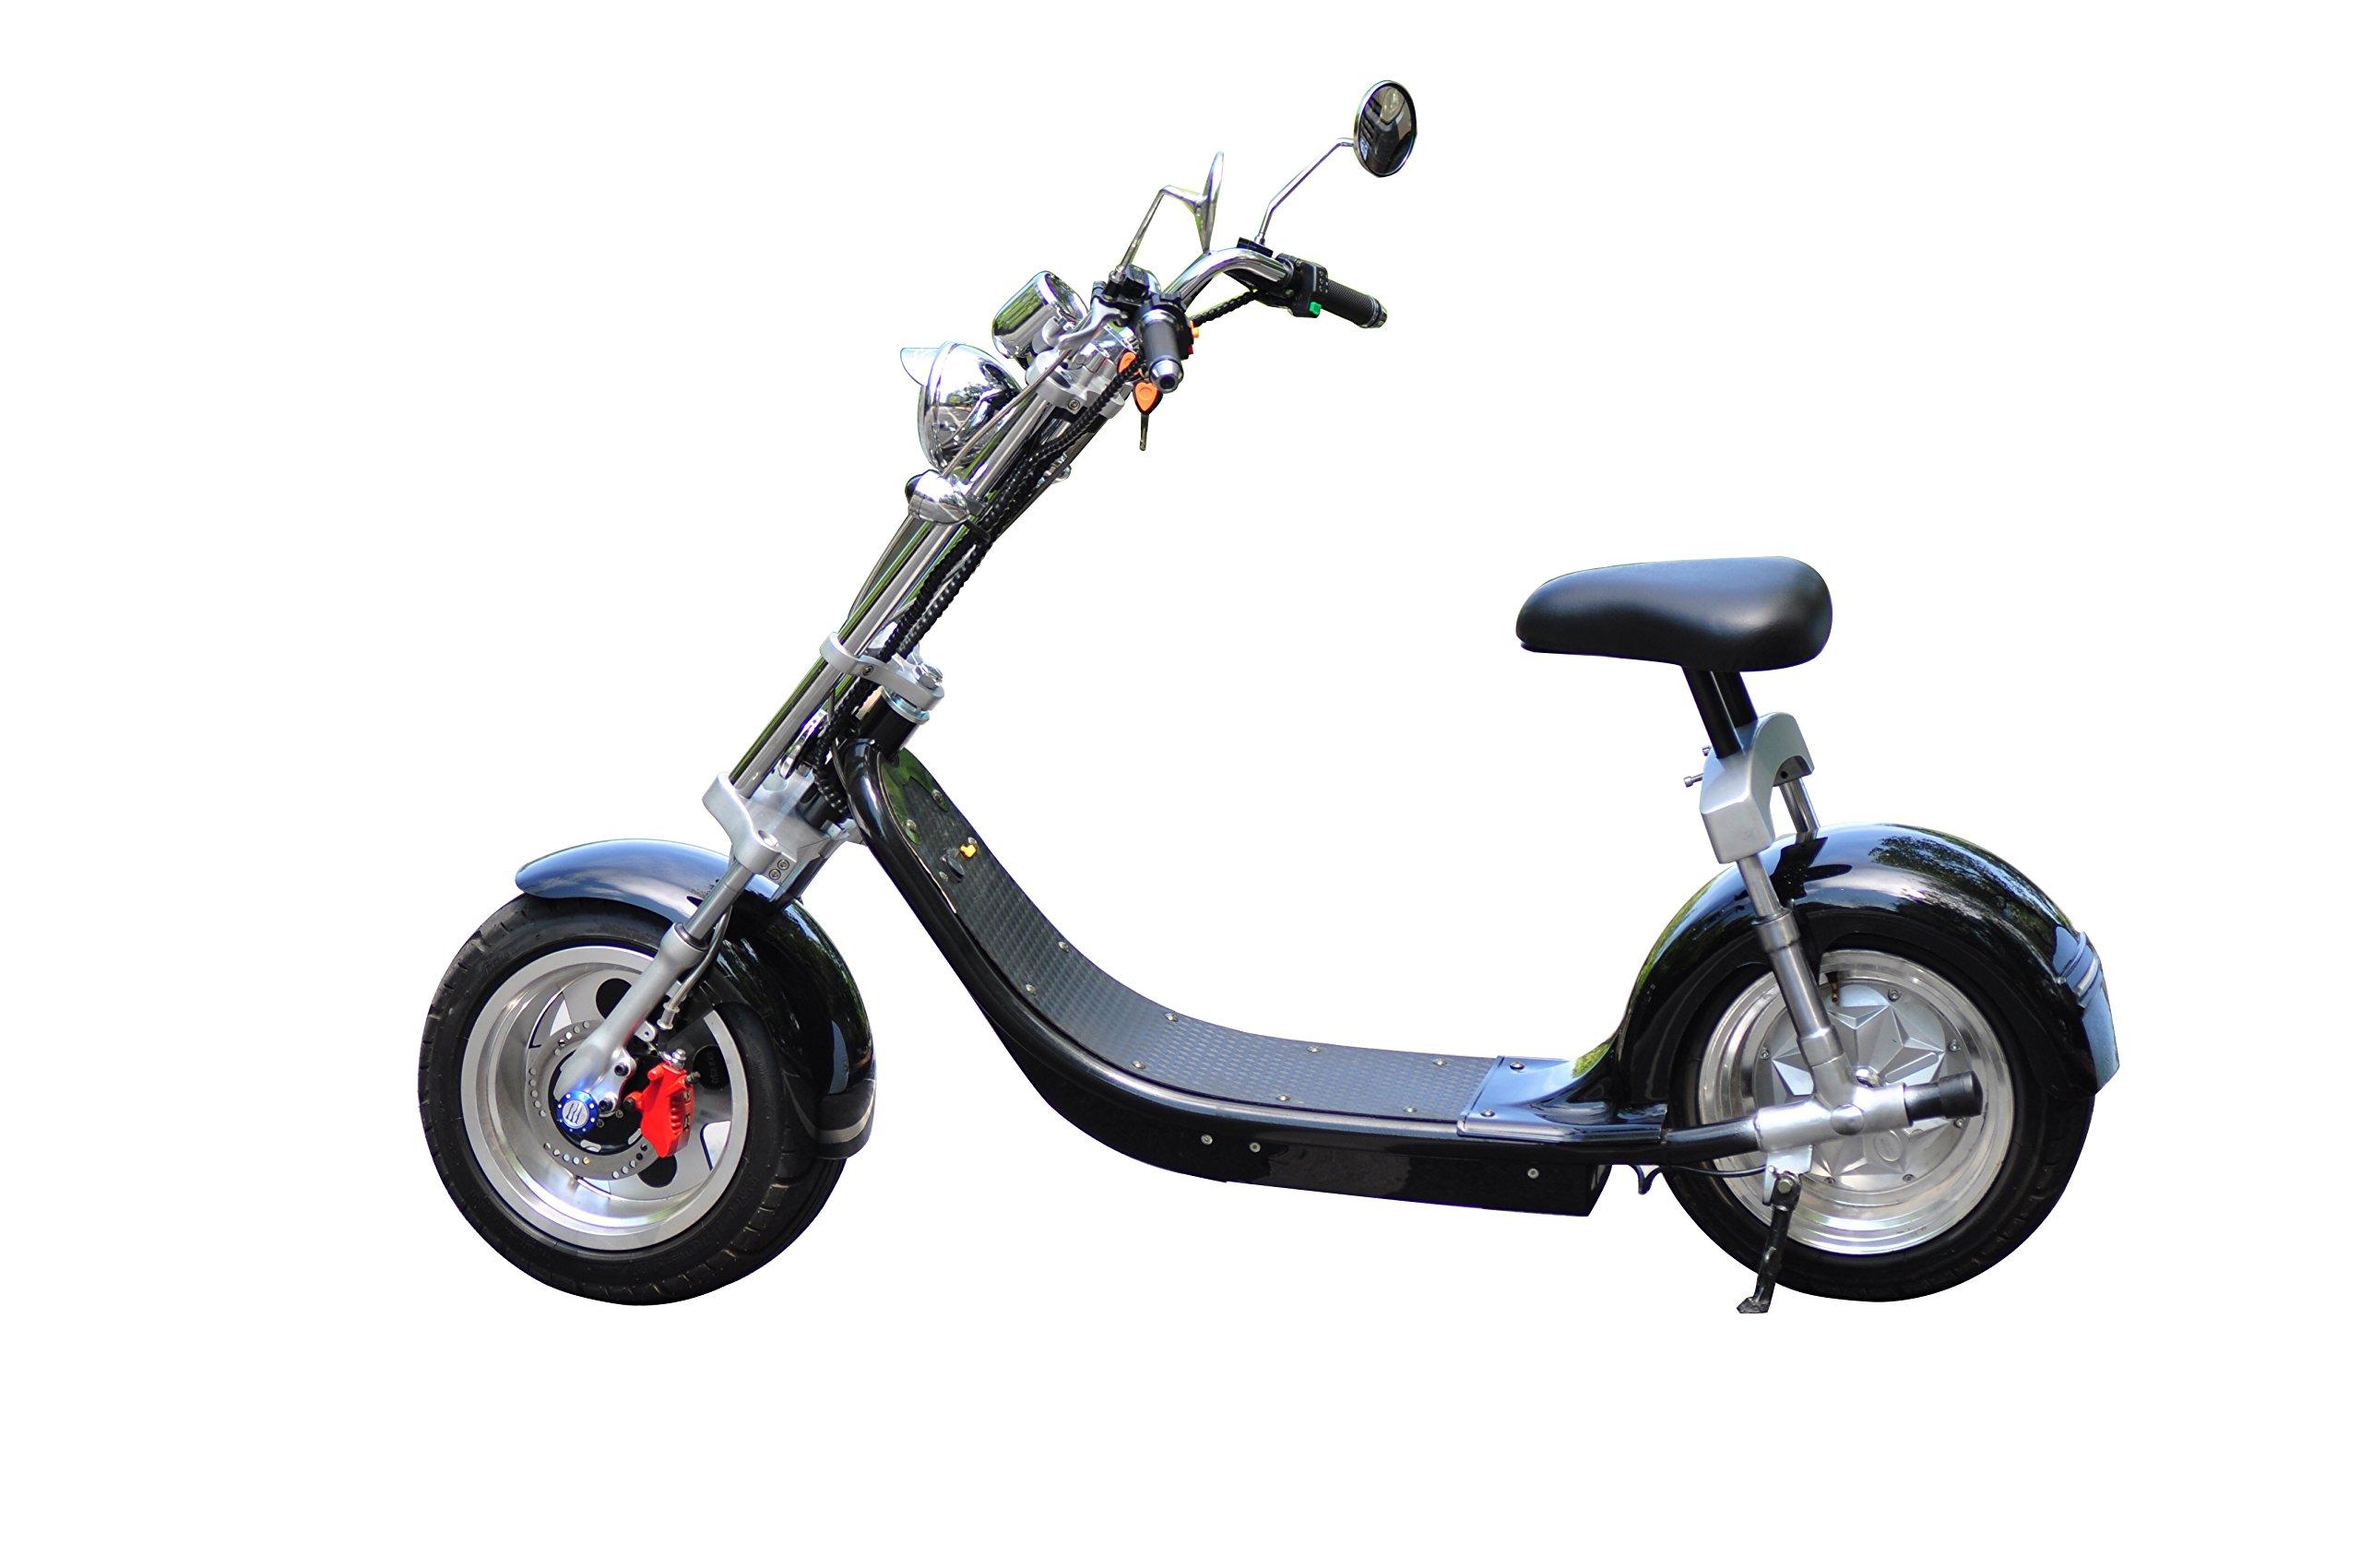 Comprar MoovWay Coco XL - Motocicleta eléctrica